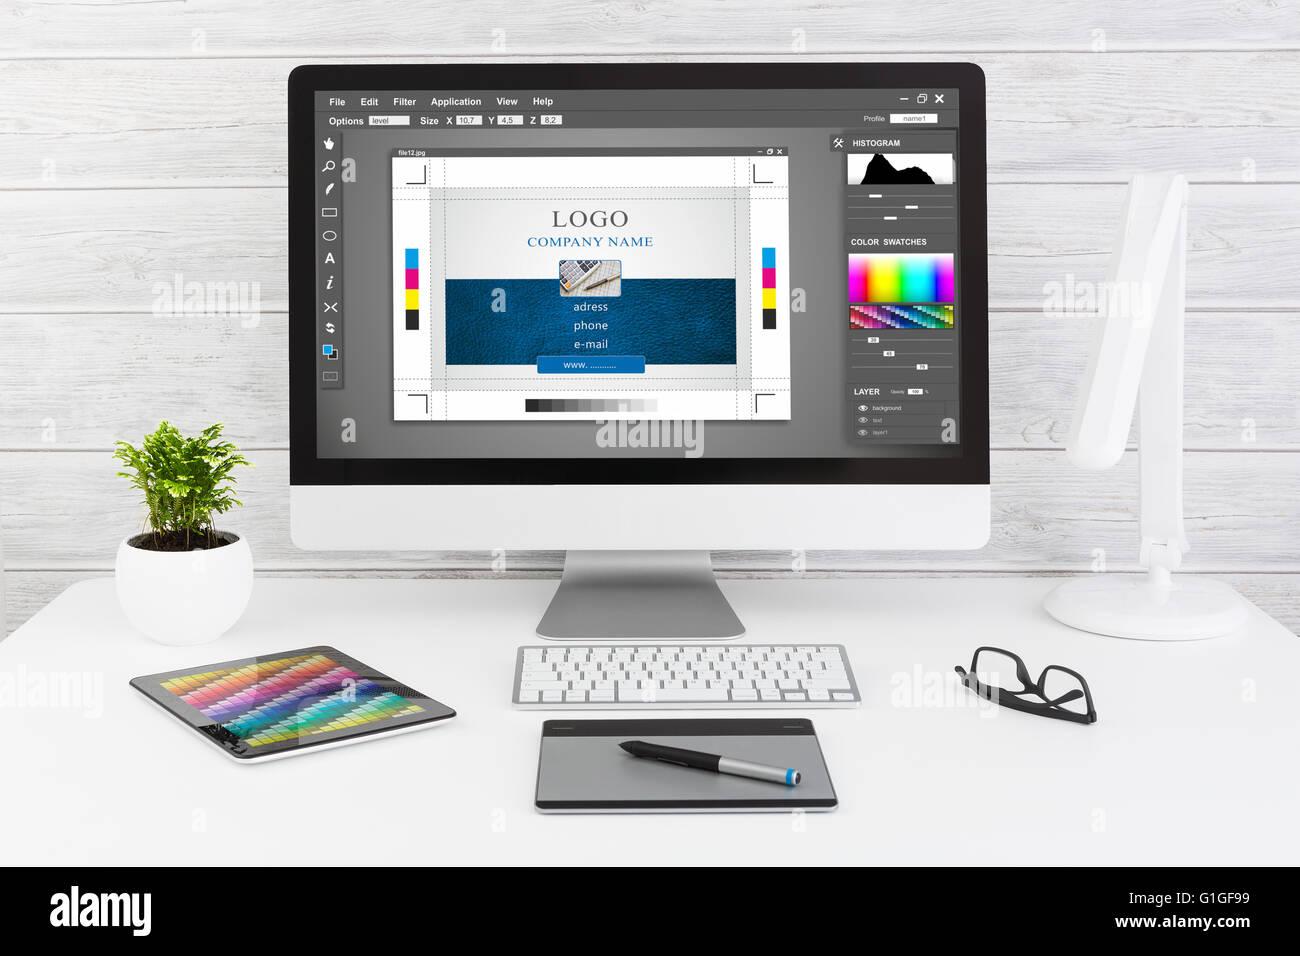 Diseñador gráfico en el trabajo. Las muestras de color. Imagen De Stock